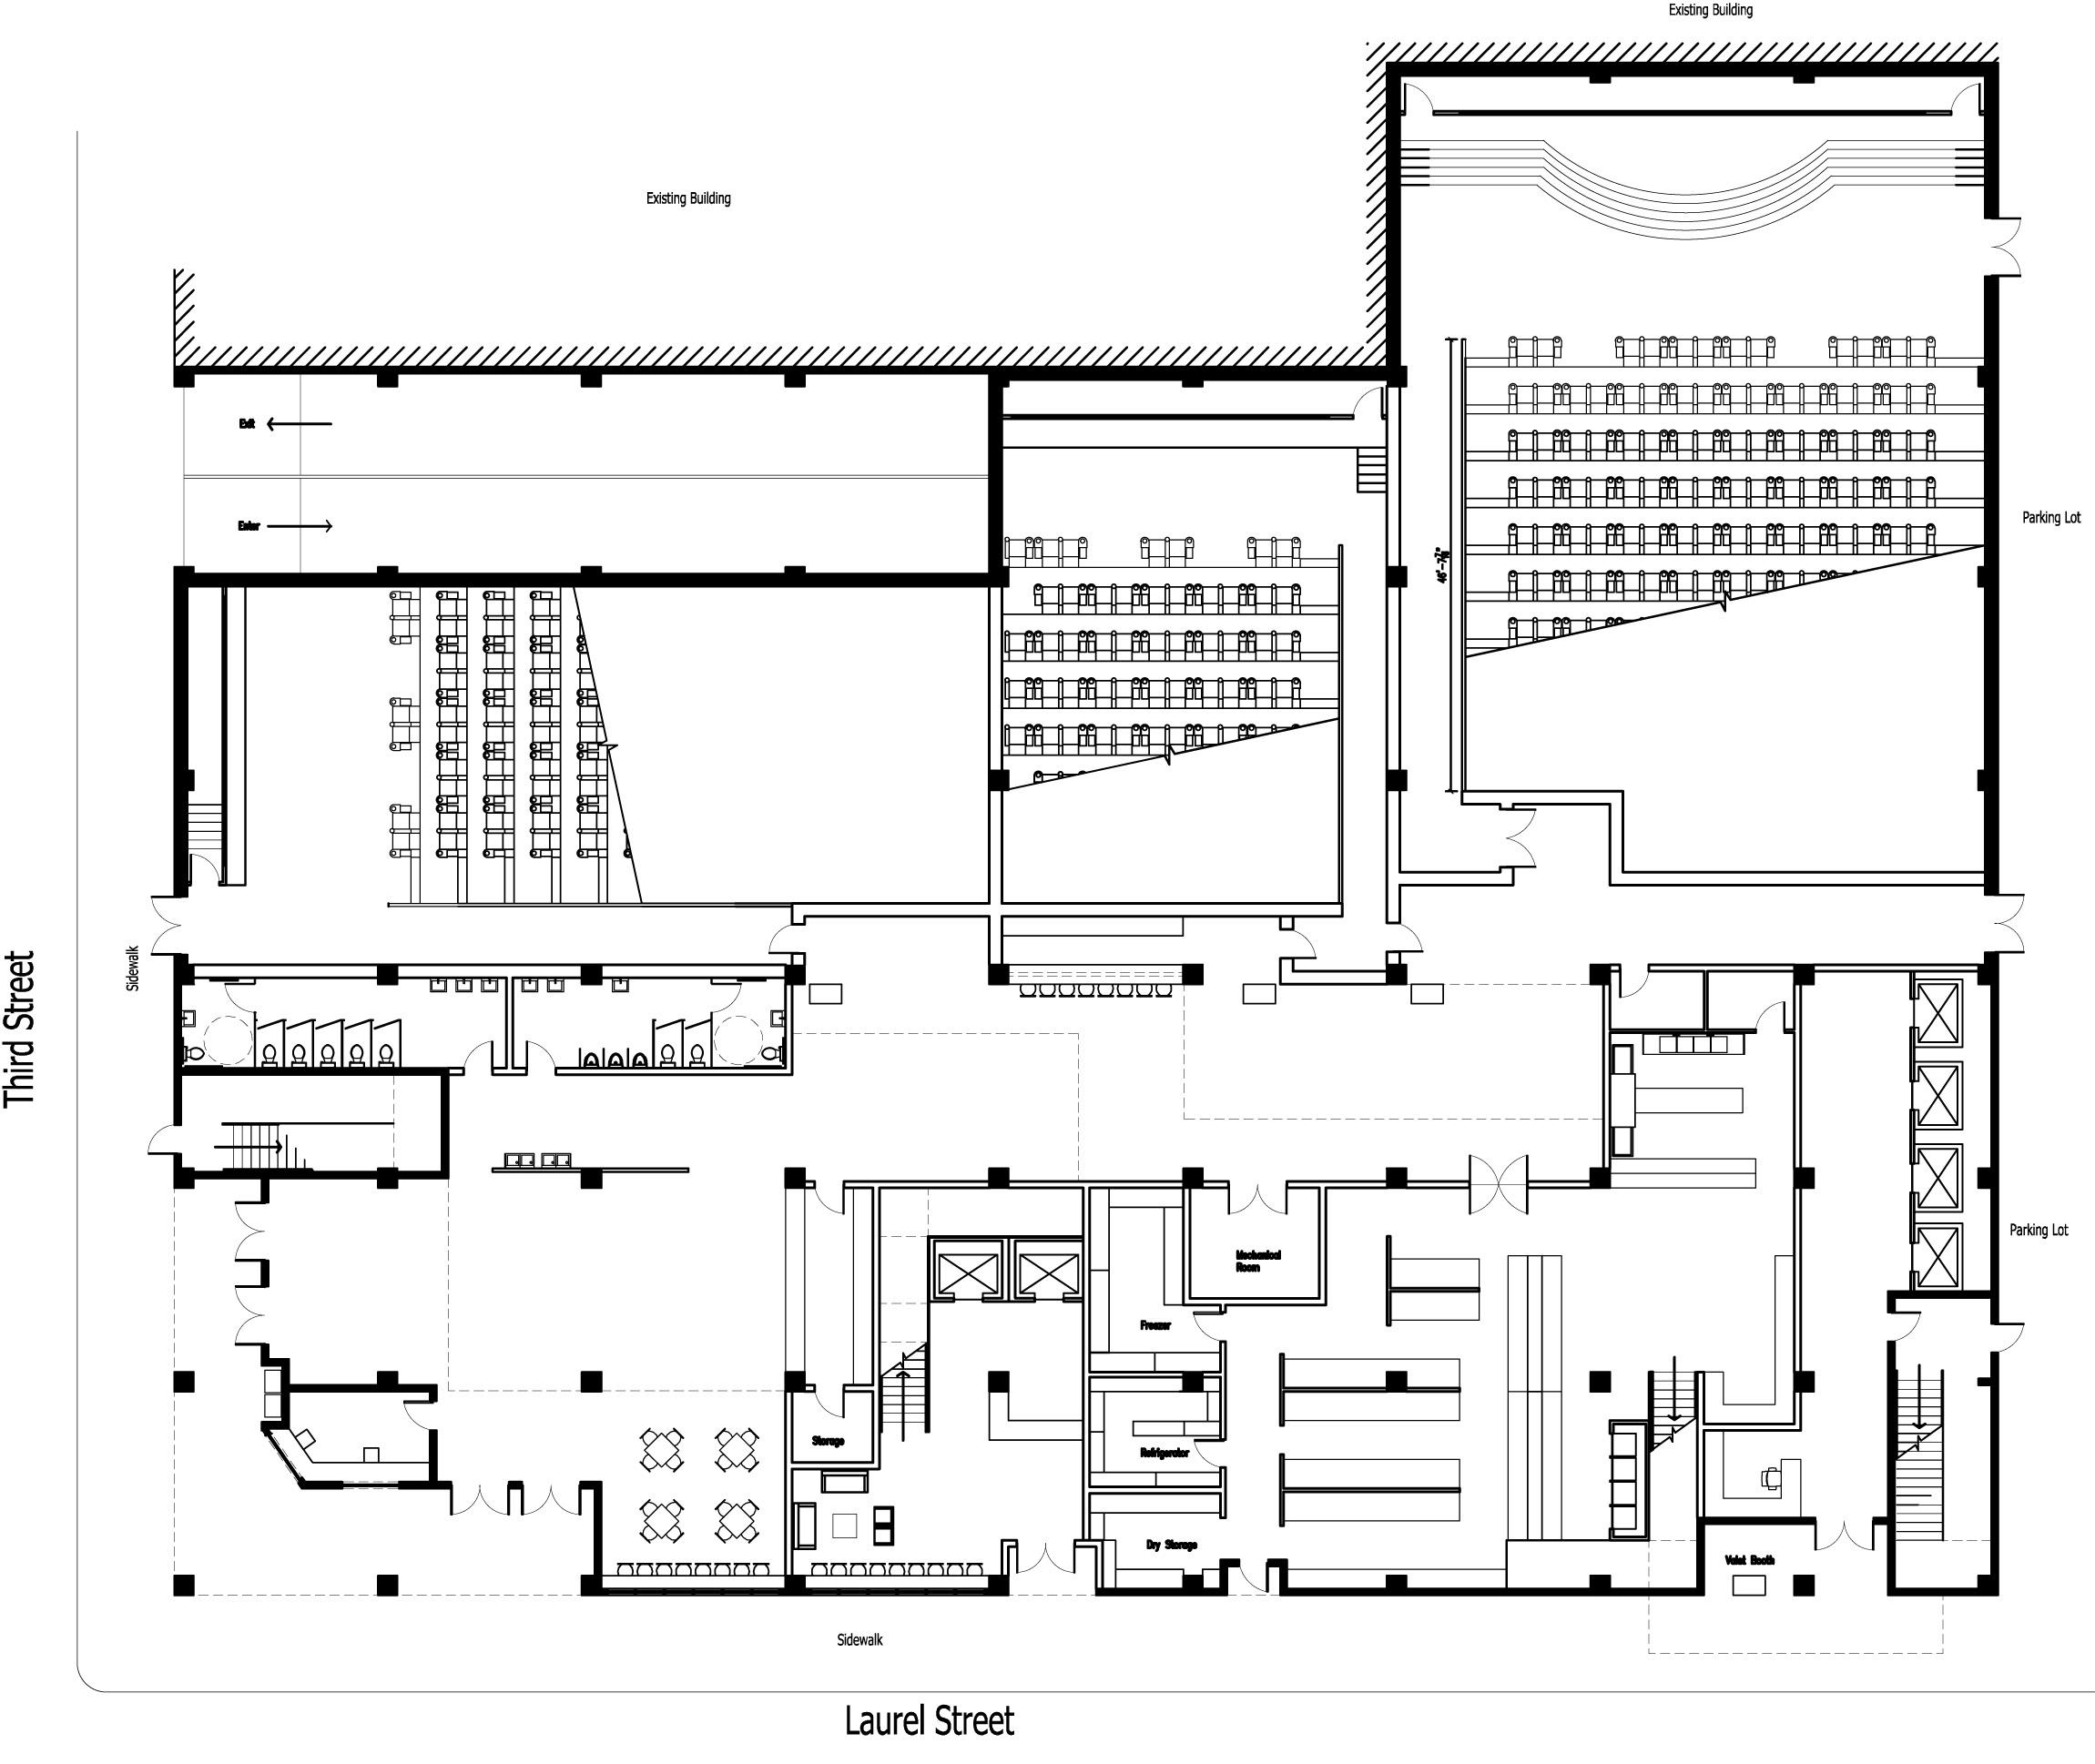 Edited Floorplans